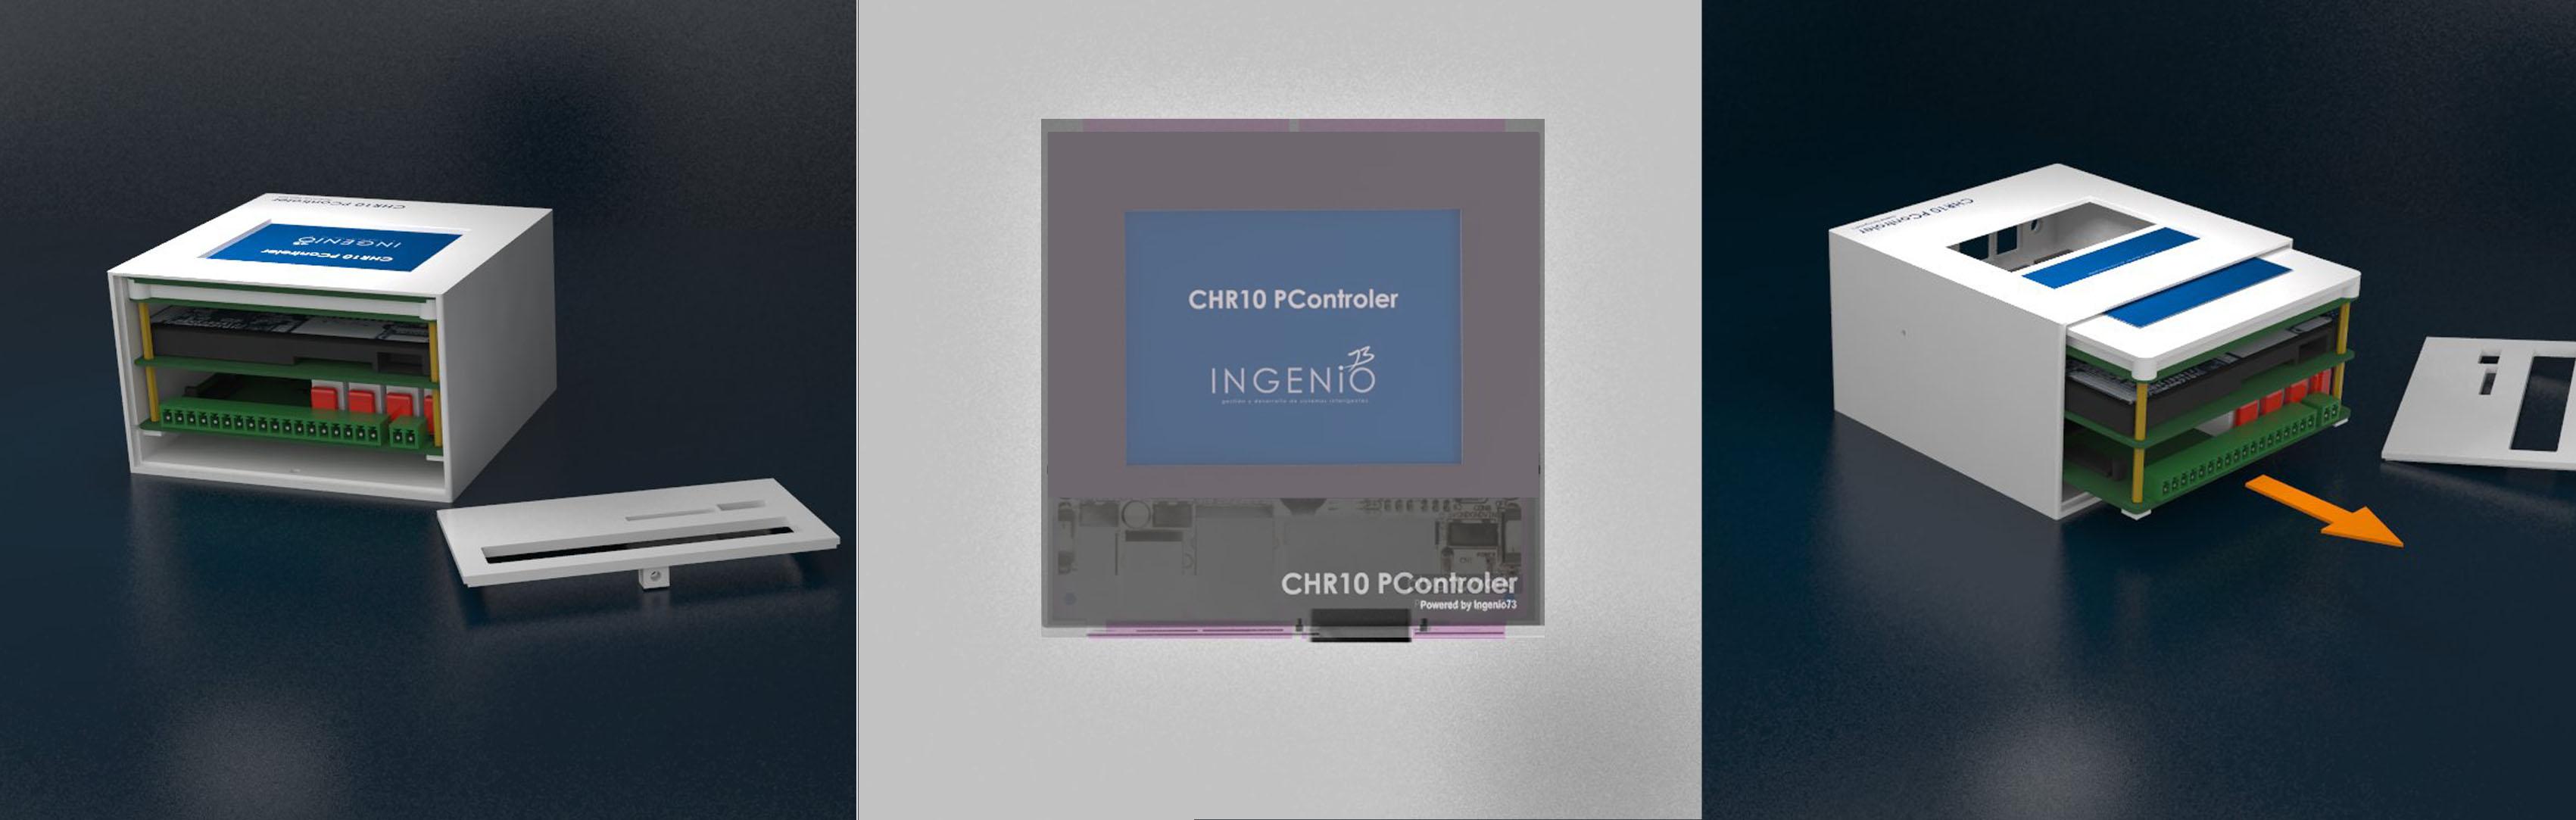 ing73_chr10_09